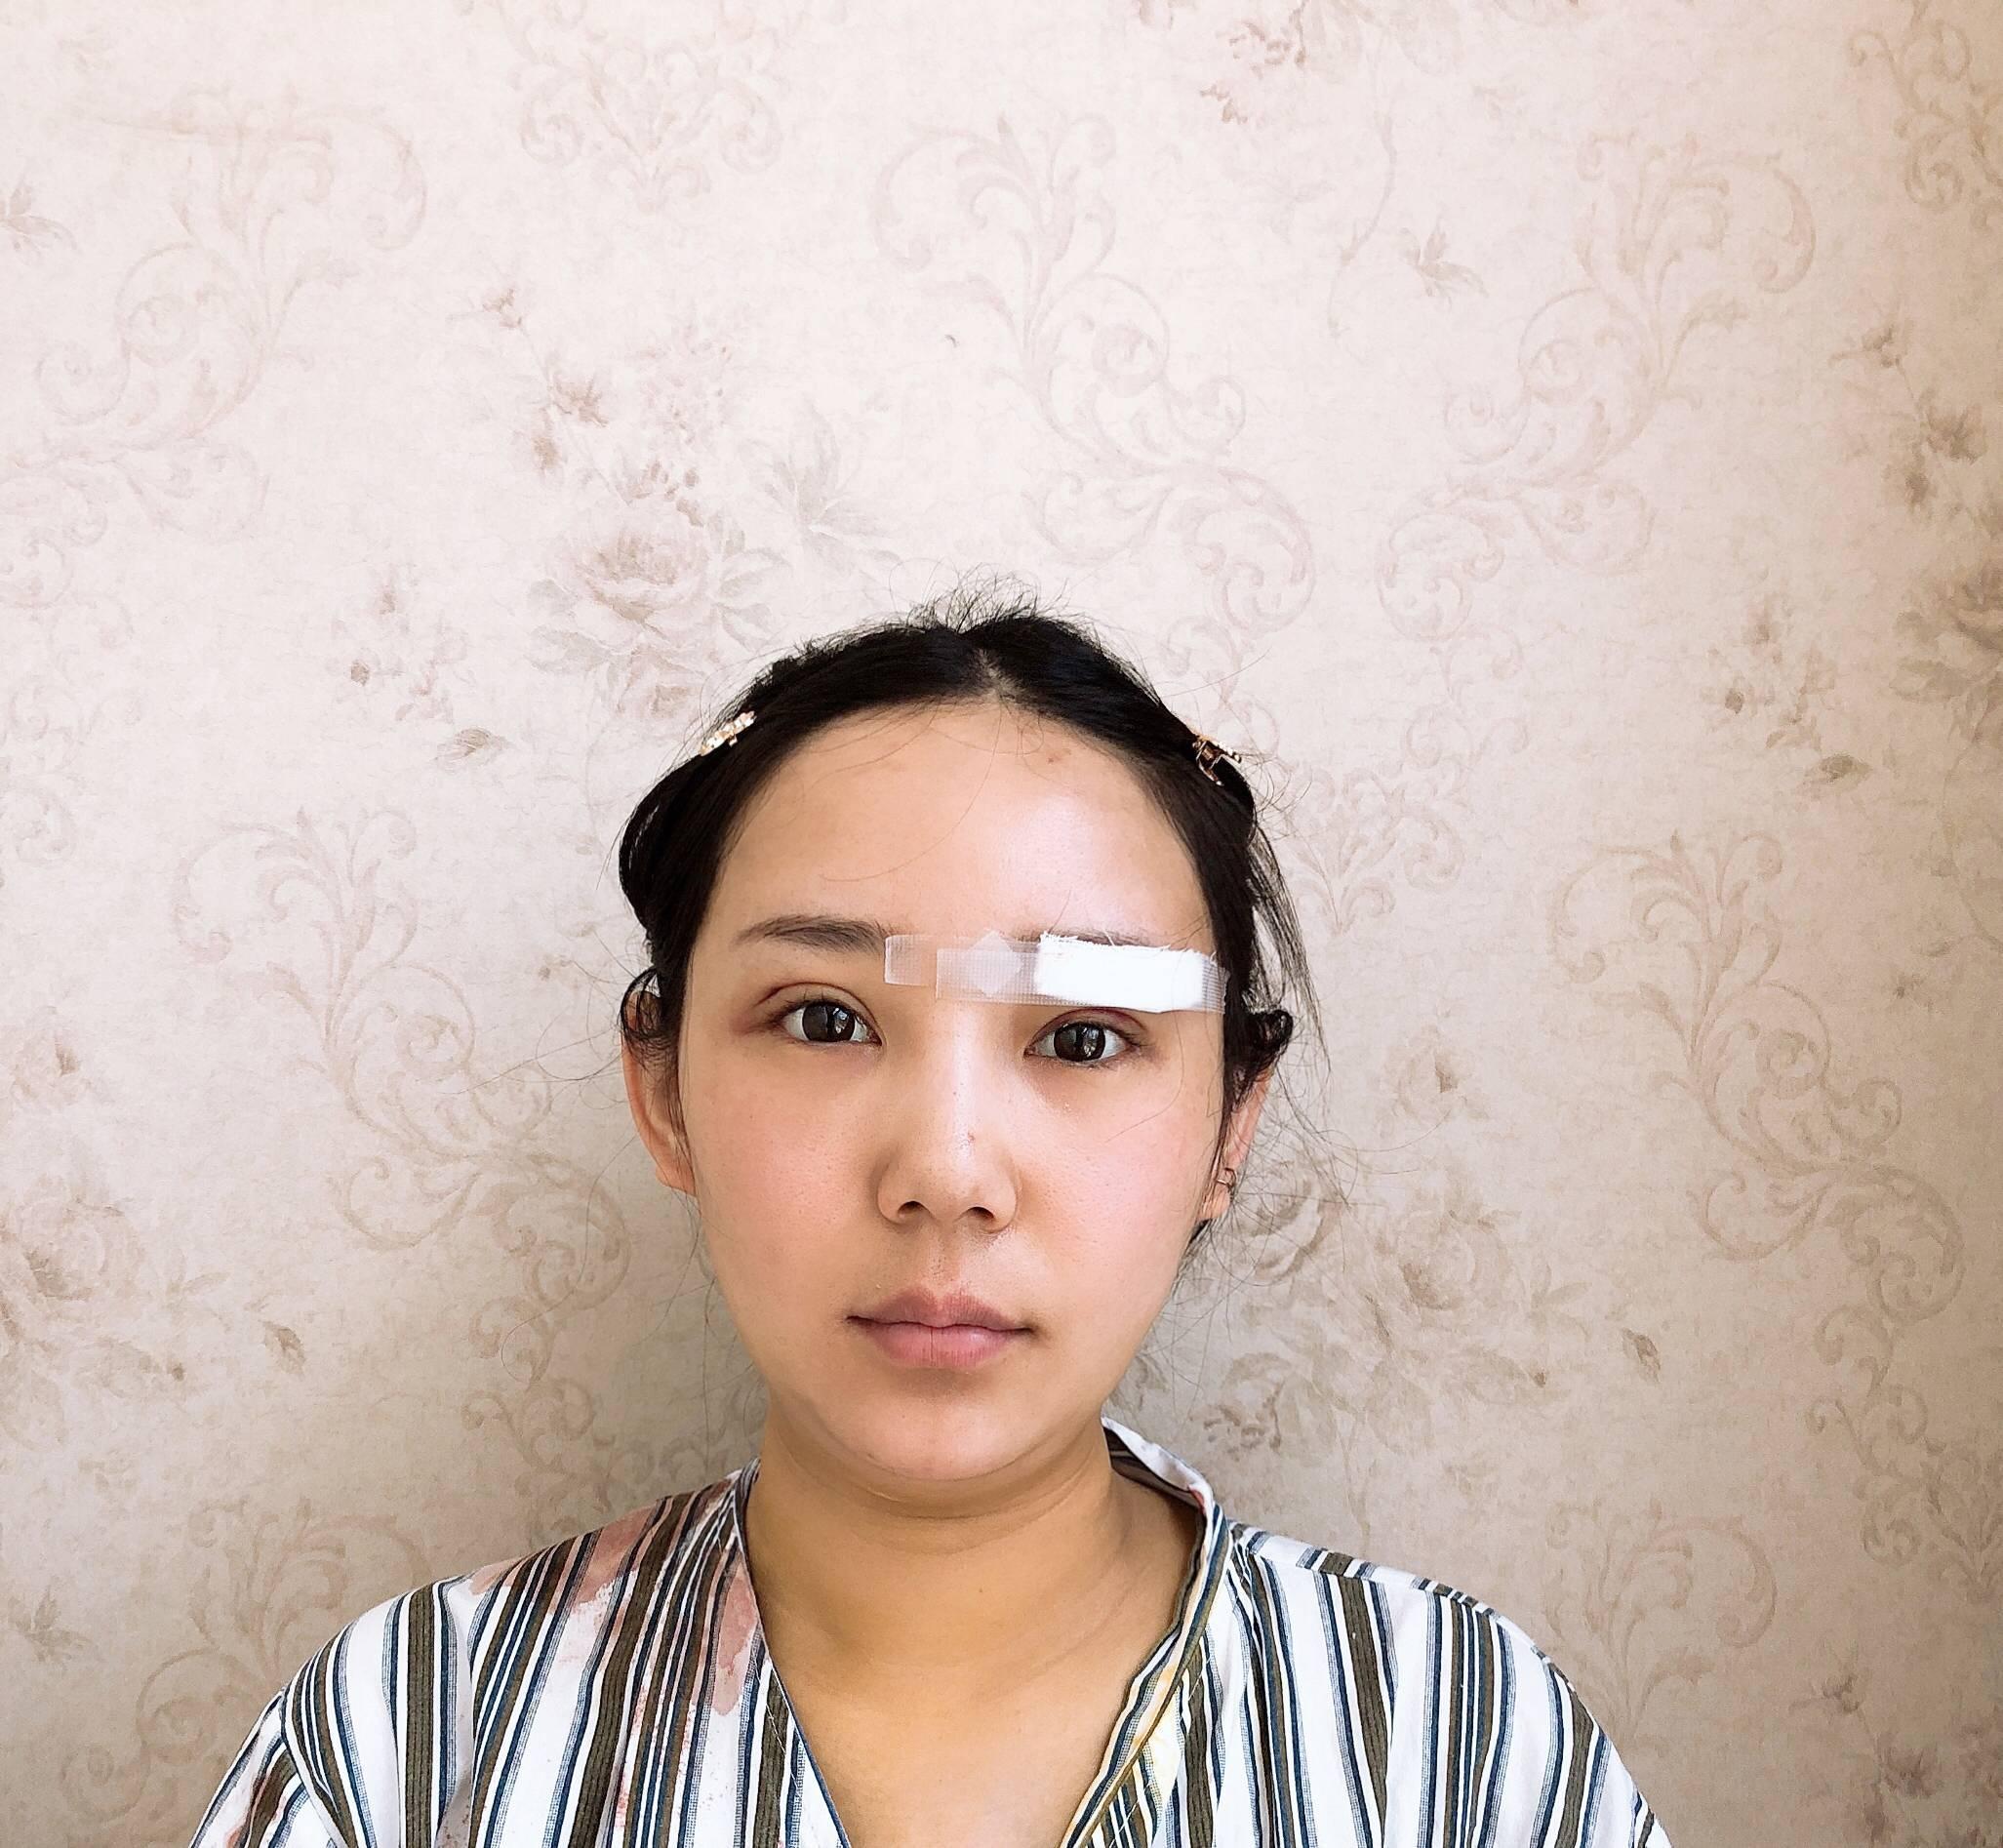 今天是面部吸脂术后一周时间,来院复查后,还调了下眉毛,所以眉毛还缠有白色纱布。 面罩拿下来看看脸部 目前吸脂部位微微有点疼 几乎可以忽略 没有其他不适感觉 照镜子面部确实瘦了一些 但是还有点轻轻肿吧 所以效果还不能明显看到呢 昨天问了医生 说目前是增生期 需要一个月后稳定 总之  没什么特别的影响  还是得忌口 可以洗脸了  期待慢慢变的更好吧。